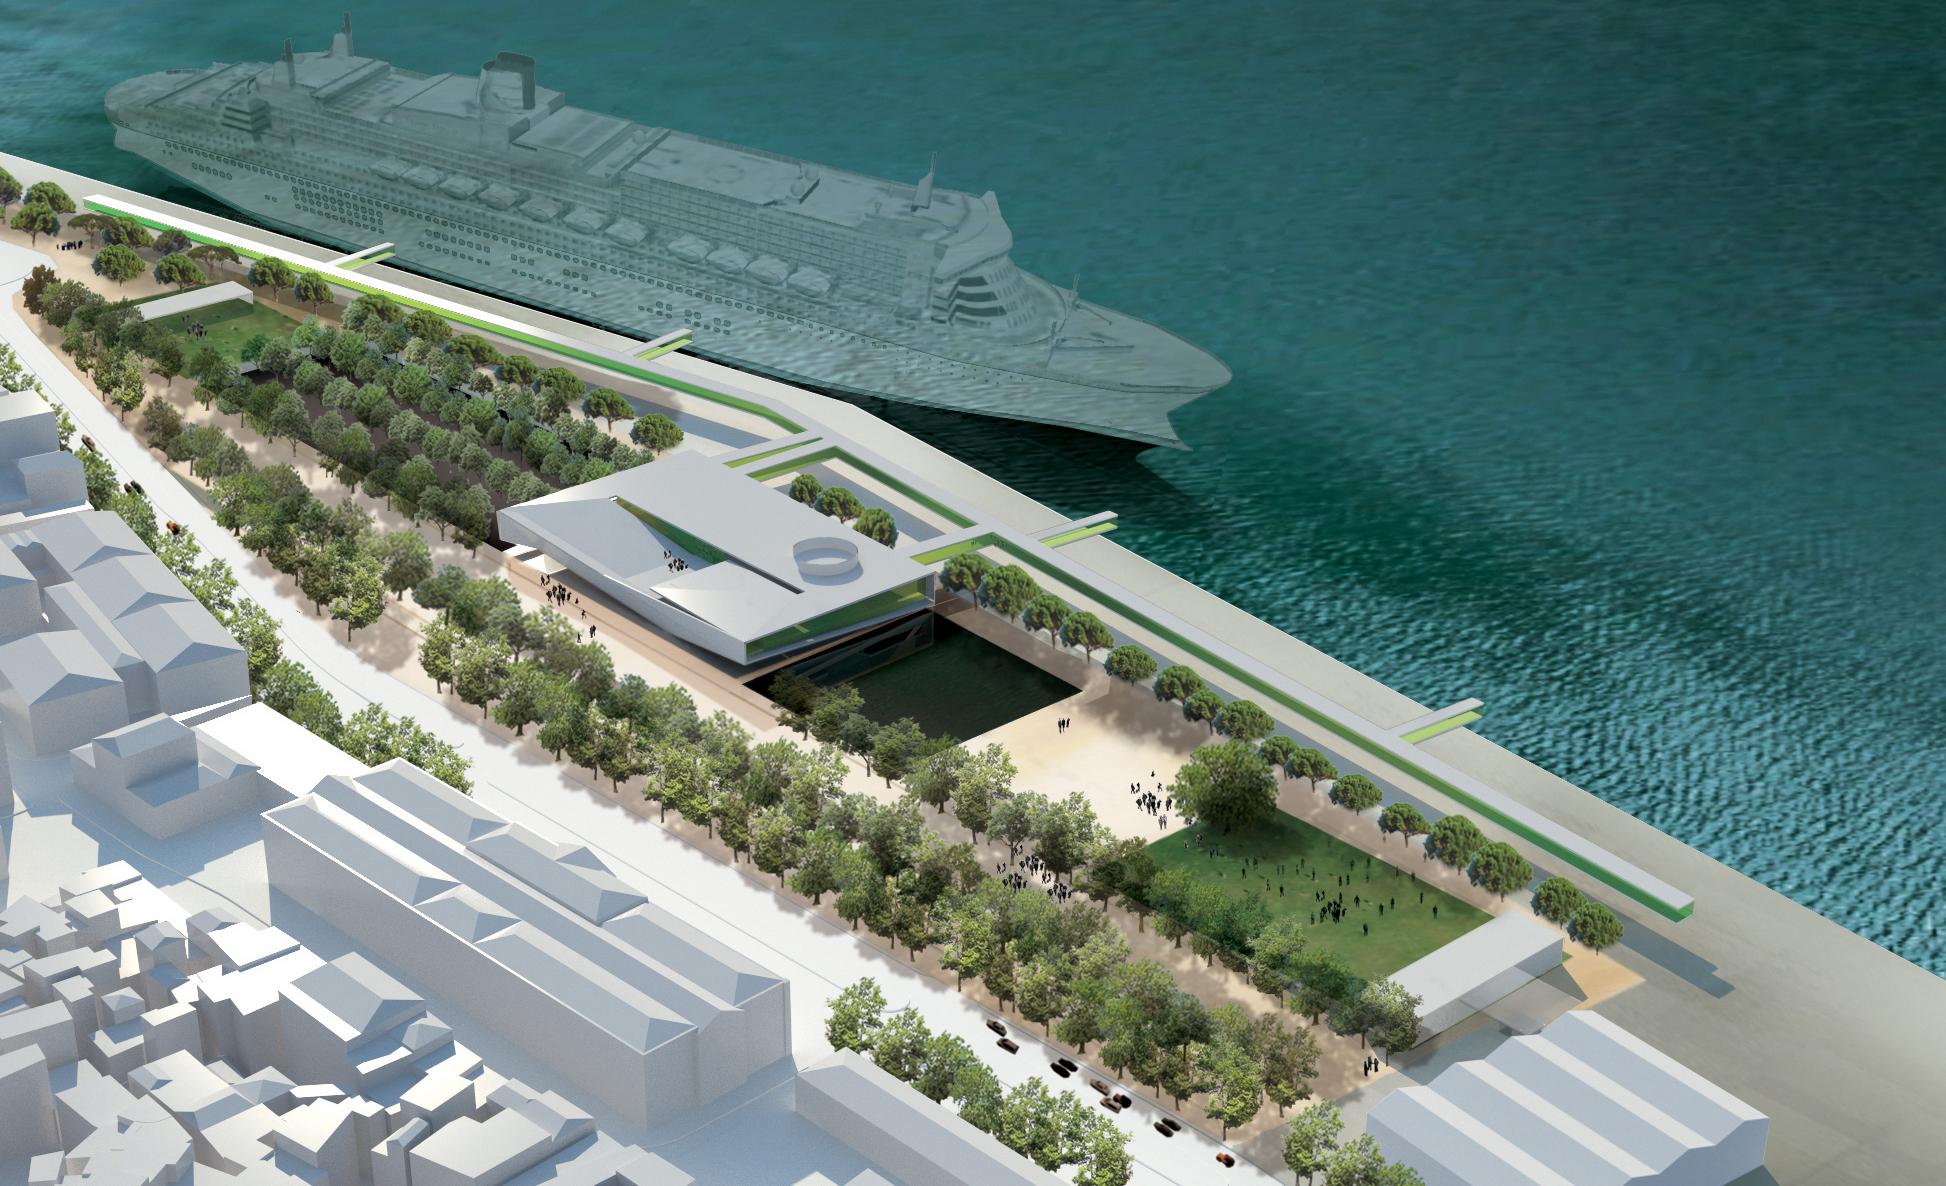 projecto novo terminal de cruzeiros